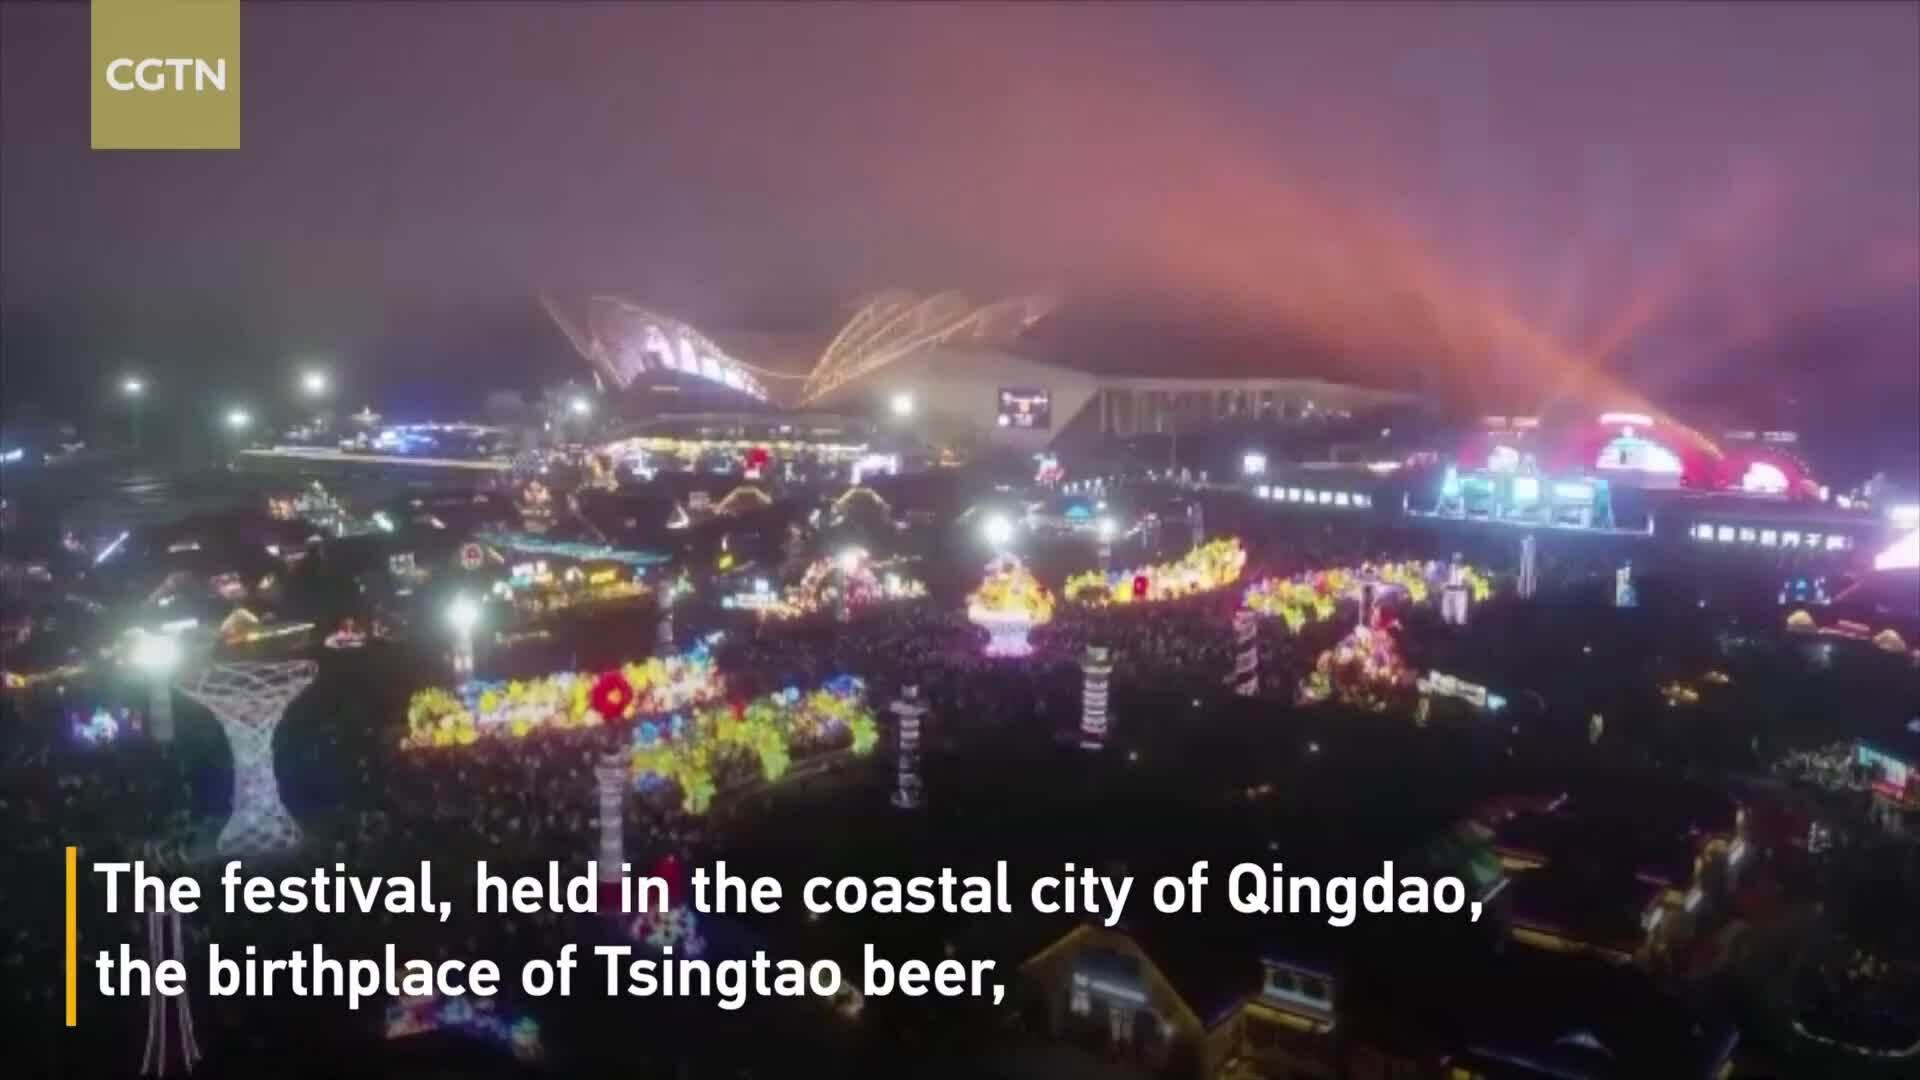 Trung Quốc tổ chức lễ hội bia lớn nhất châu Á giữa đại dịch